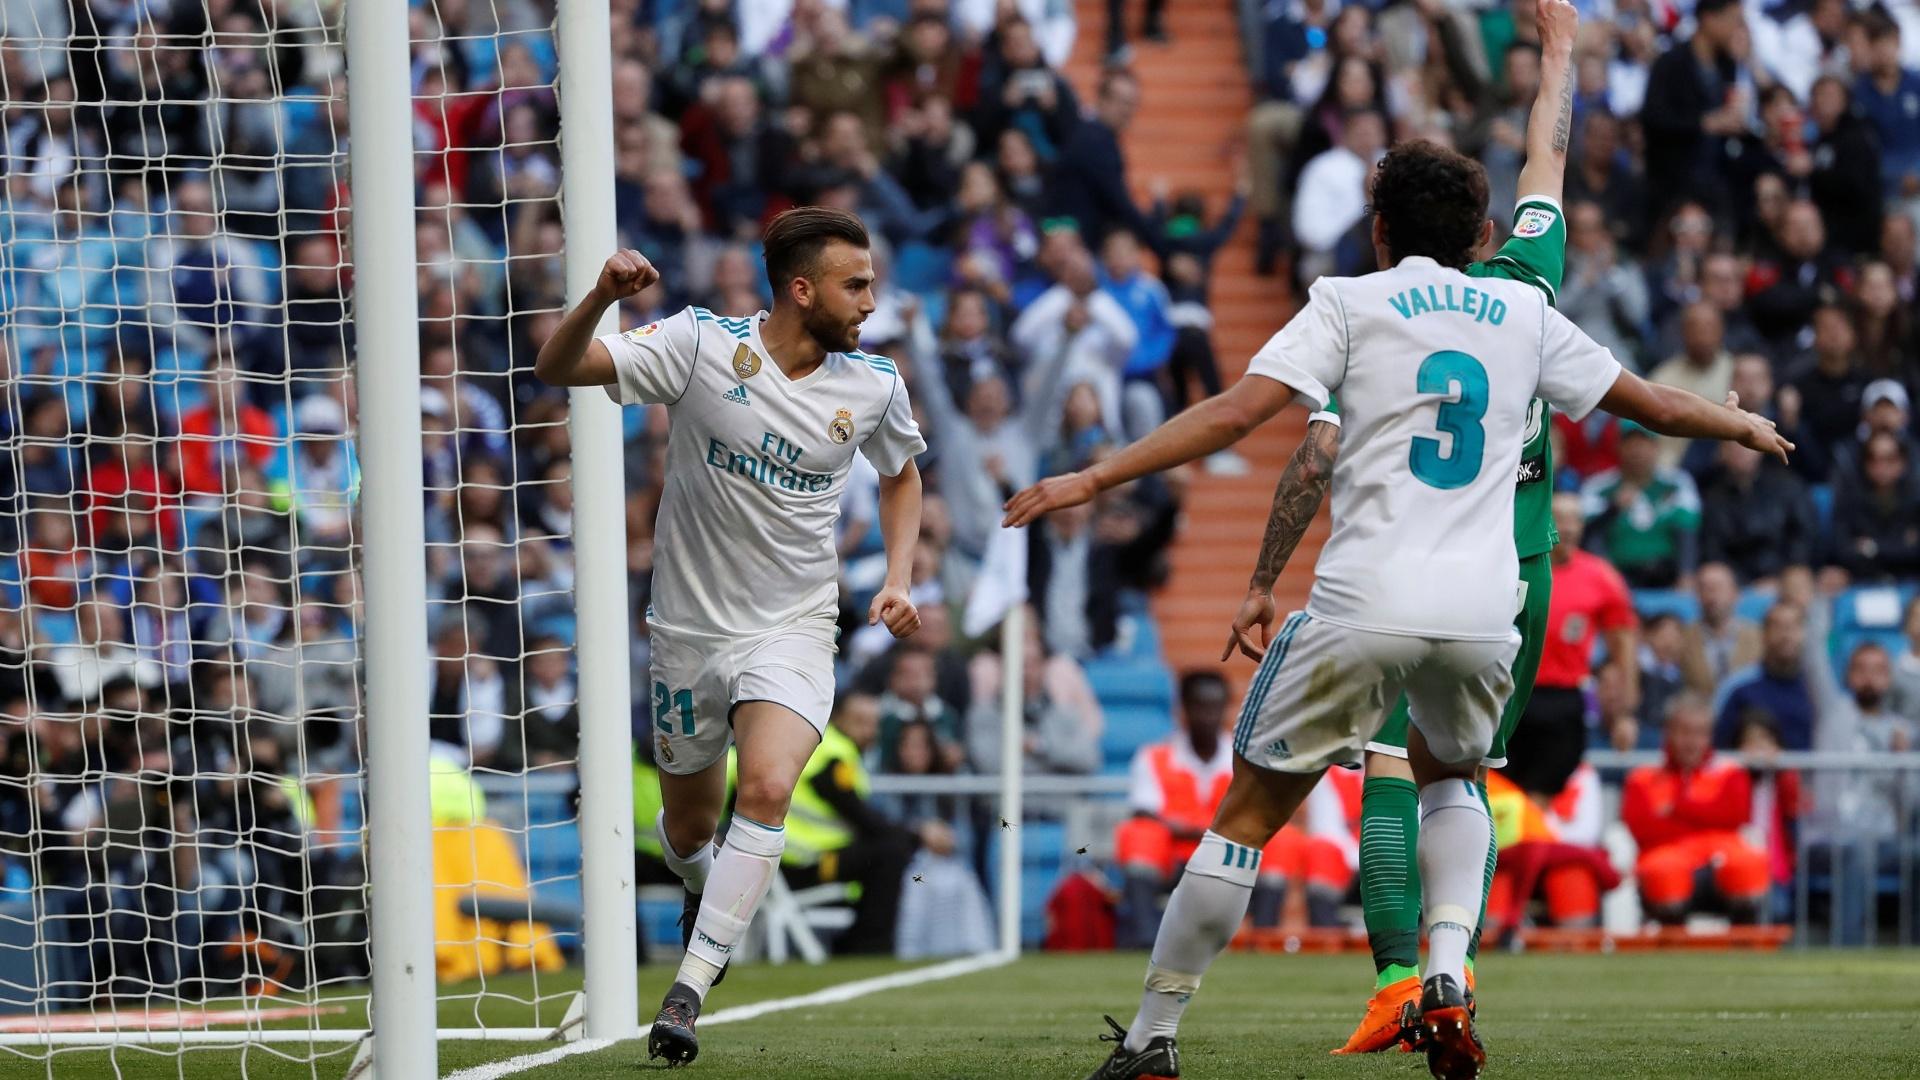 Borja Mayoral aproveita a oportunidade e marca o segundo gol do Real Madrid